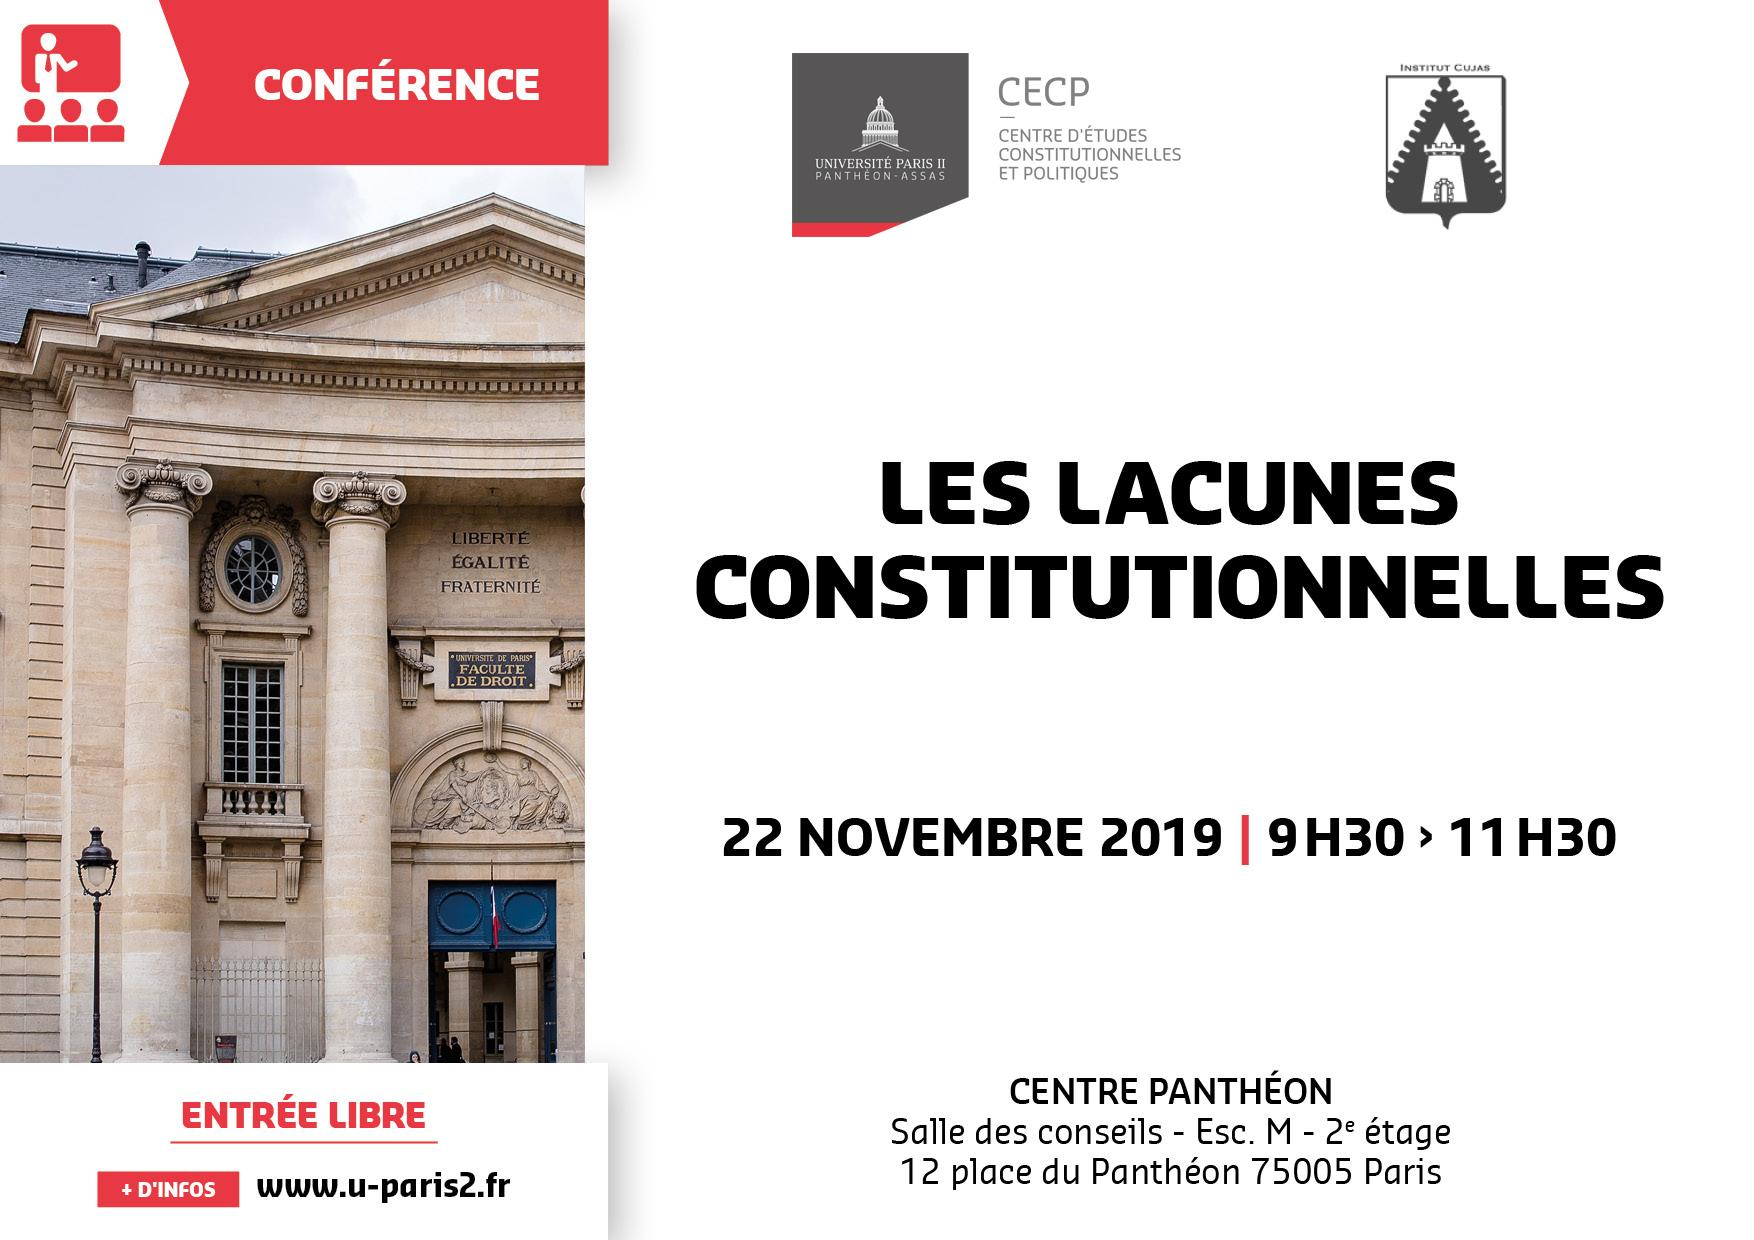 Affiche CECP Les lacunes constitutionnelles